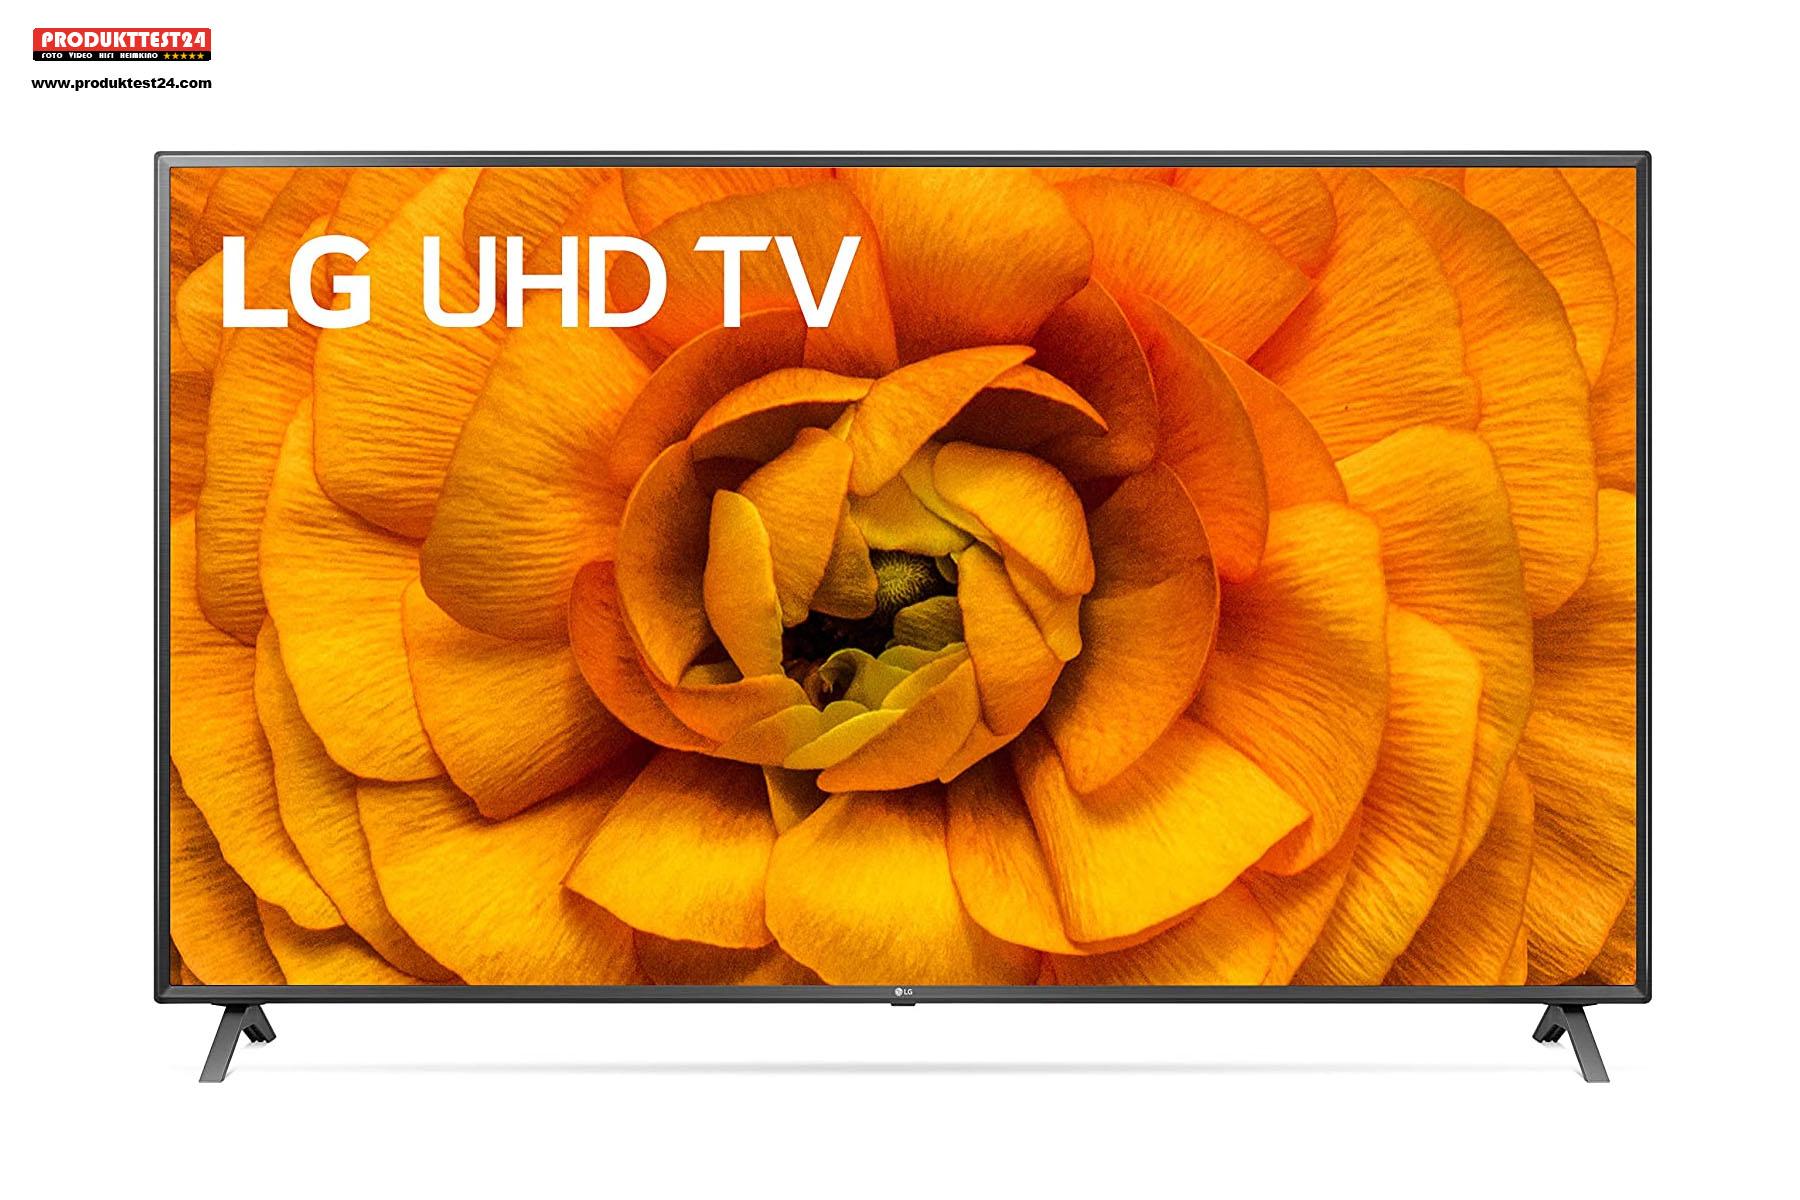 LG 86UN85006LA mit 217 cm Bilddiagonale und 100 Hz